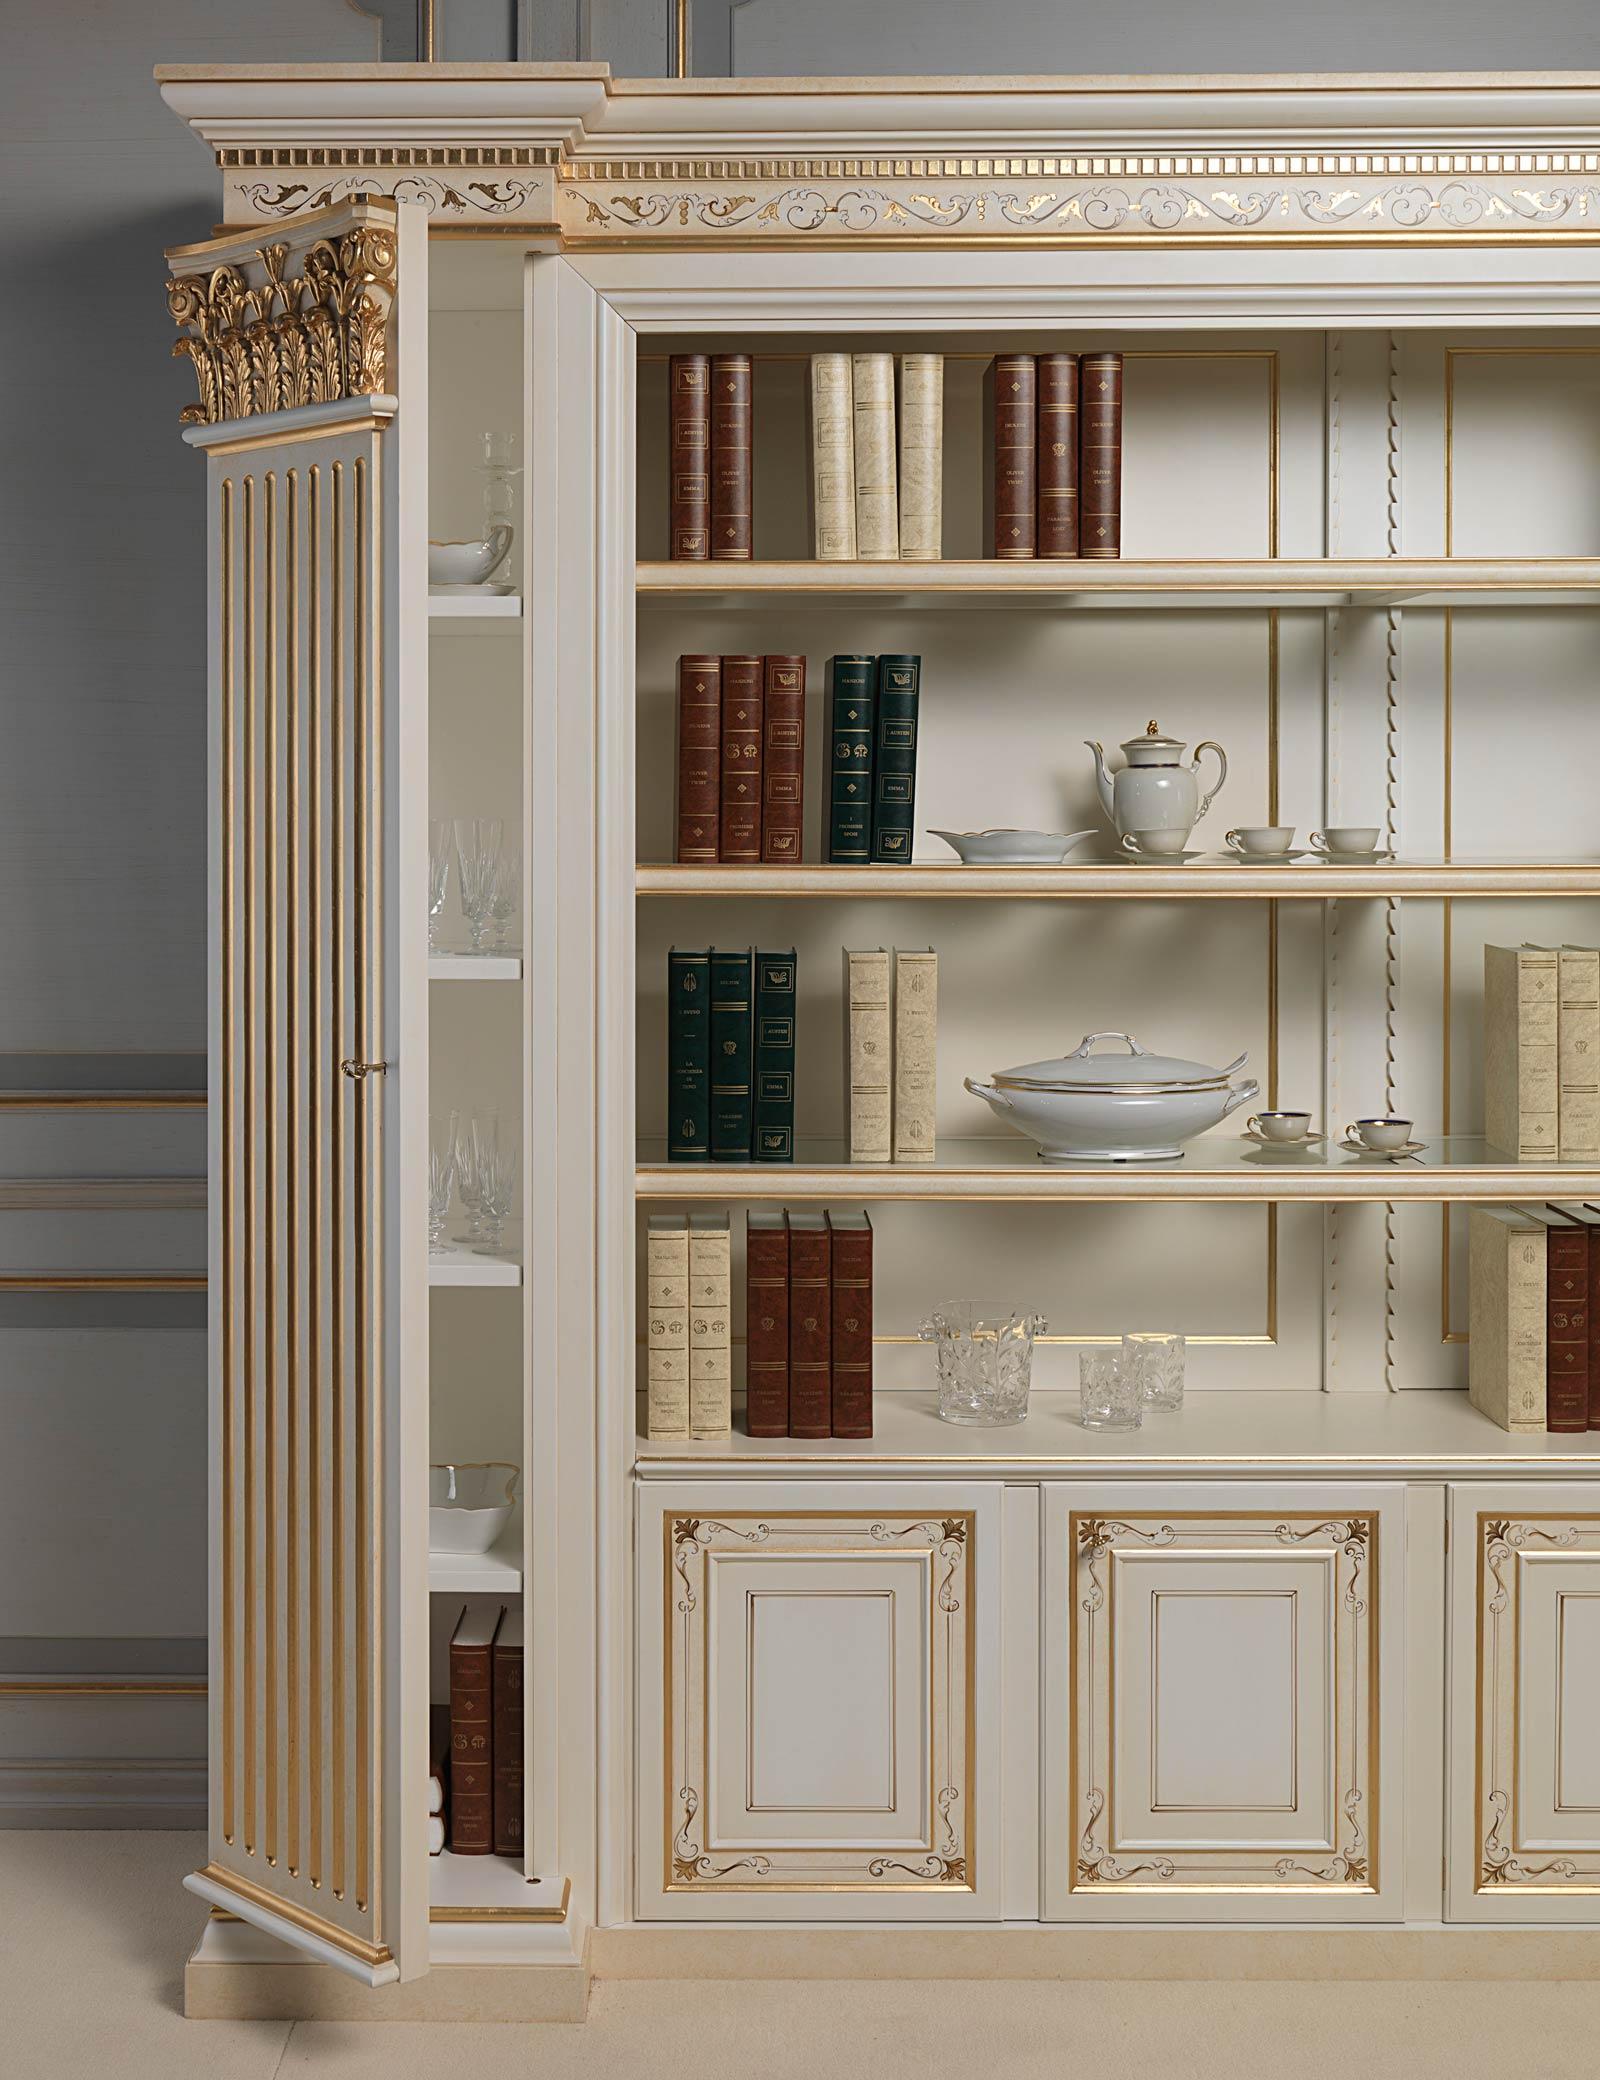 Libreria classica con lesena a scomparti  Vimercati Meda